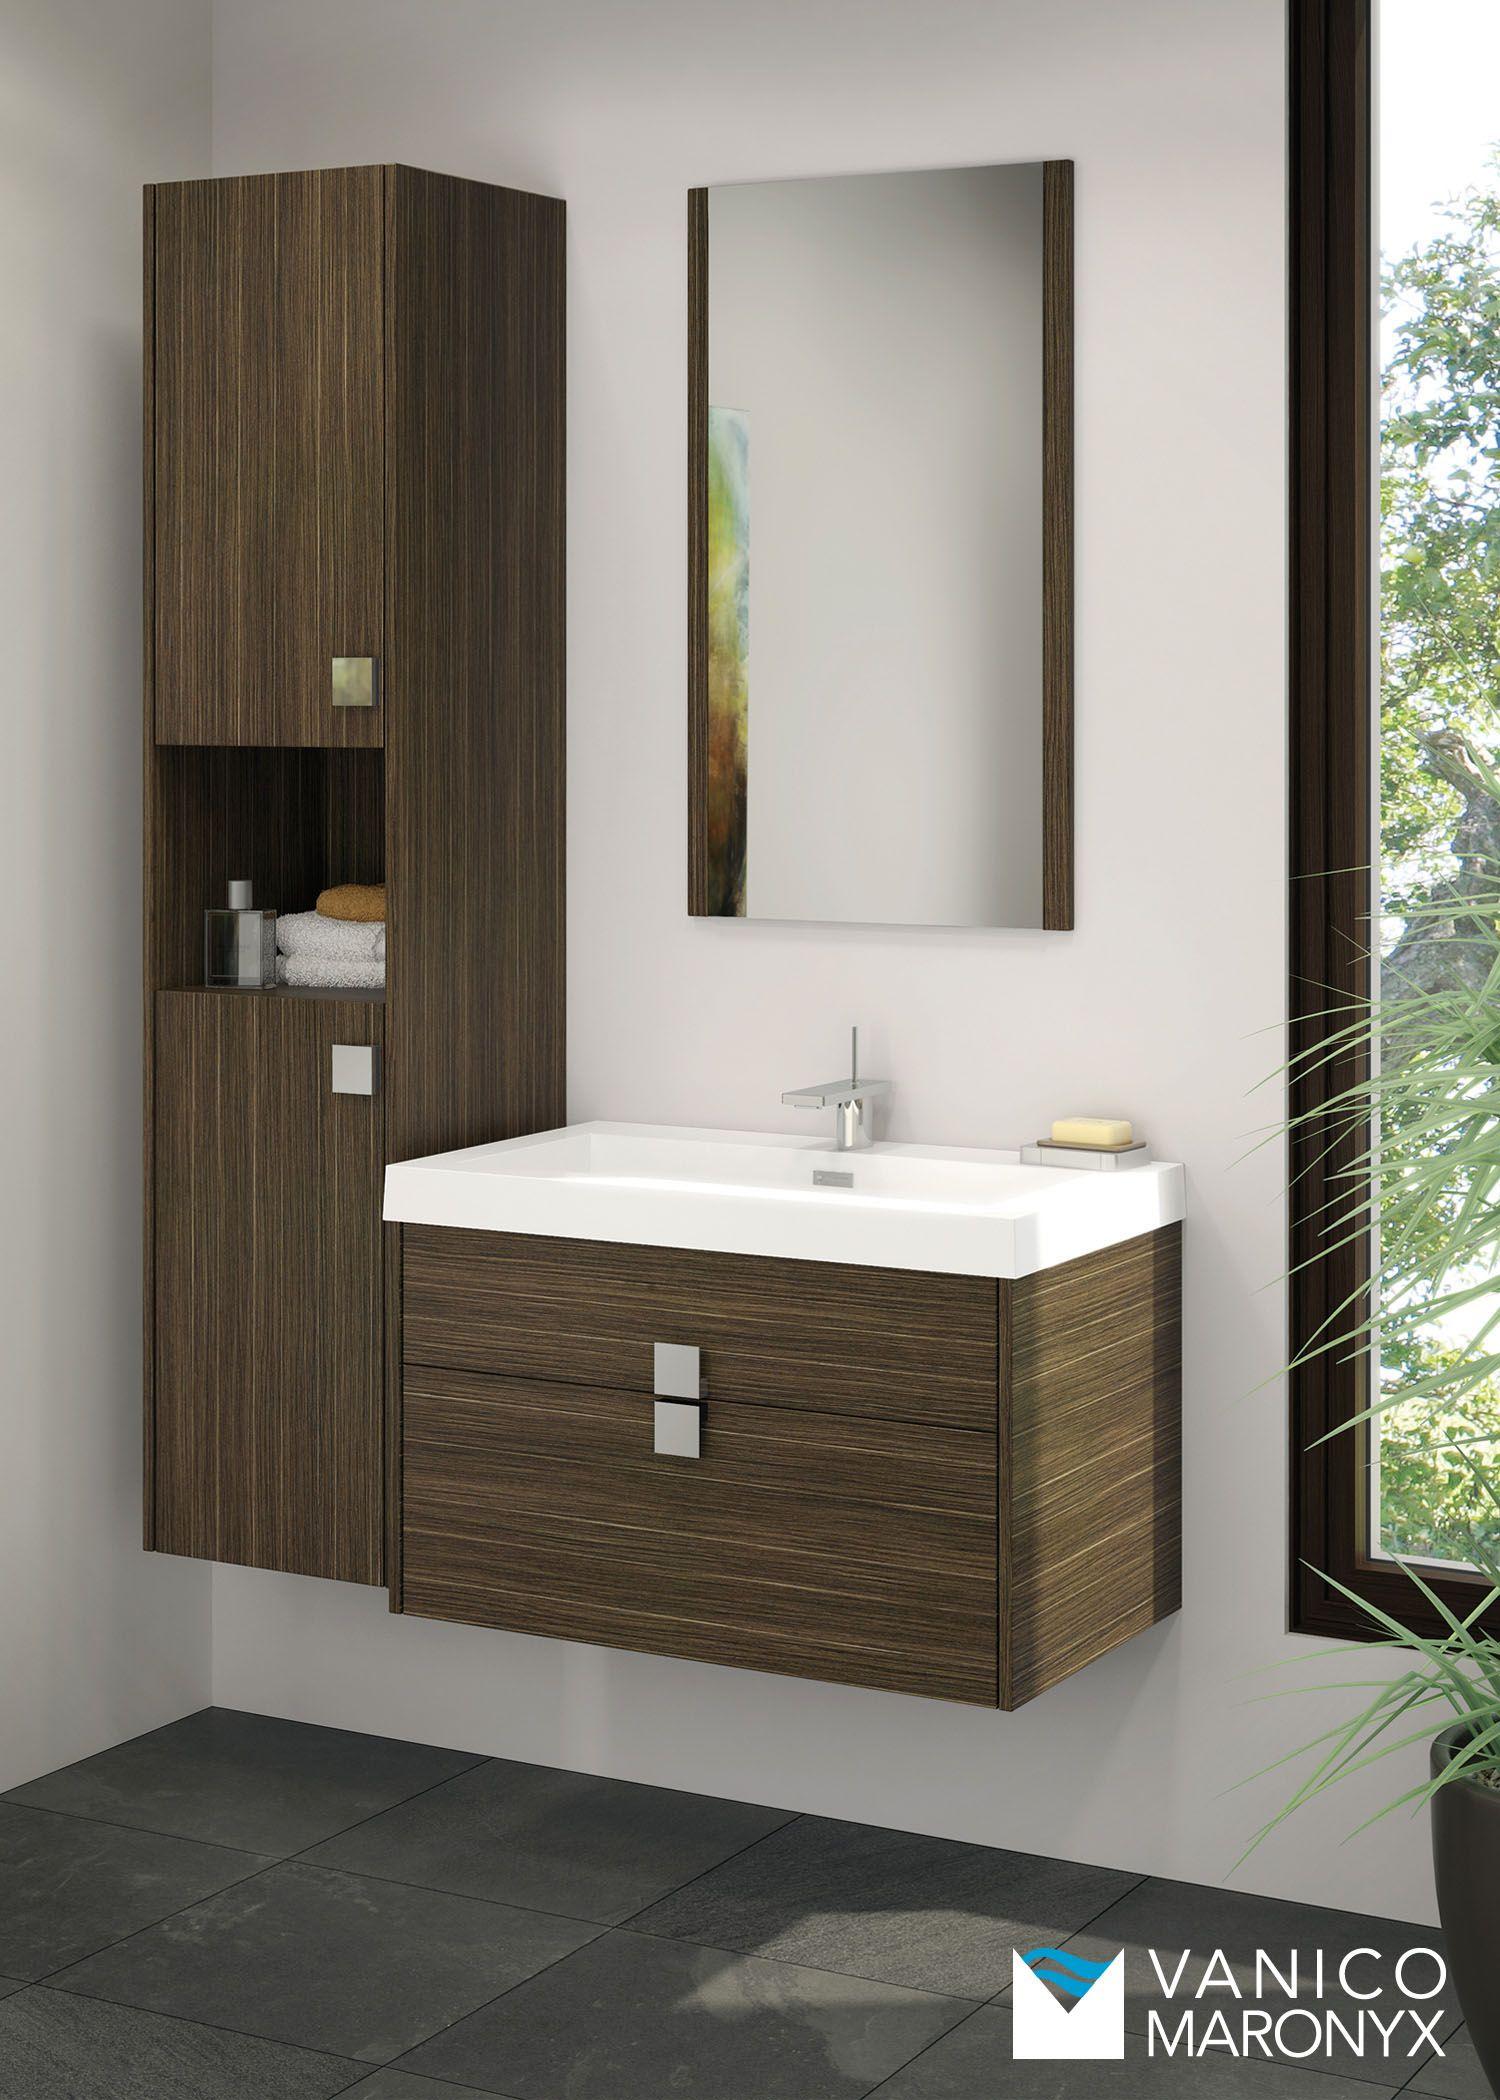 mobilier de salle de bain quadra de la s rie express. Black Bedroom Furniture Sets. Home Design Ideas